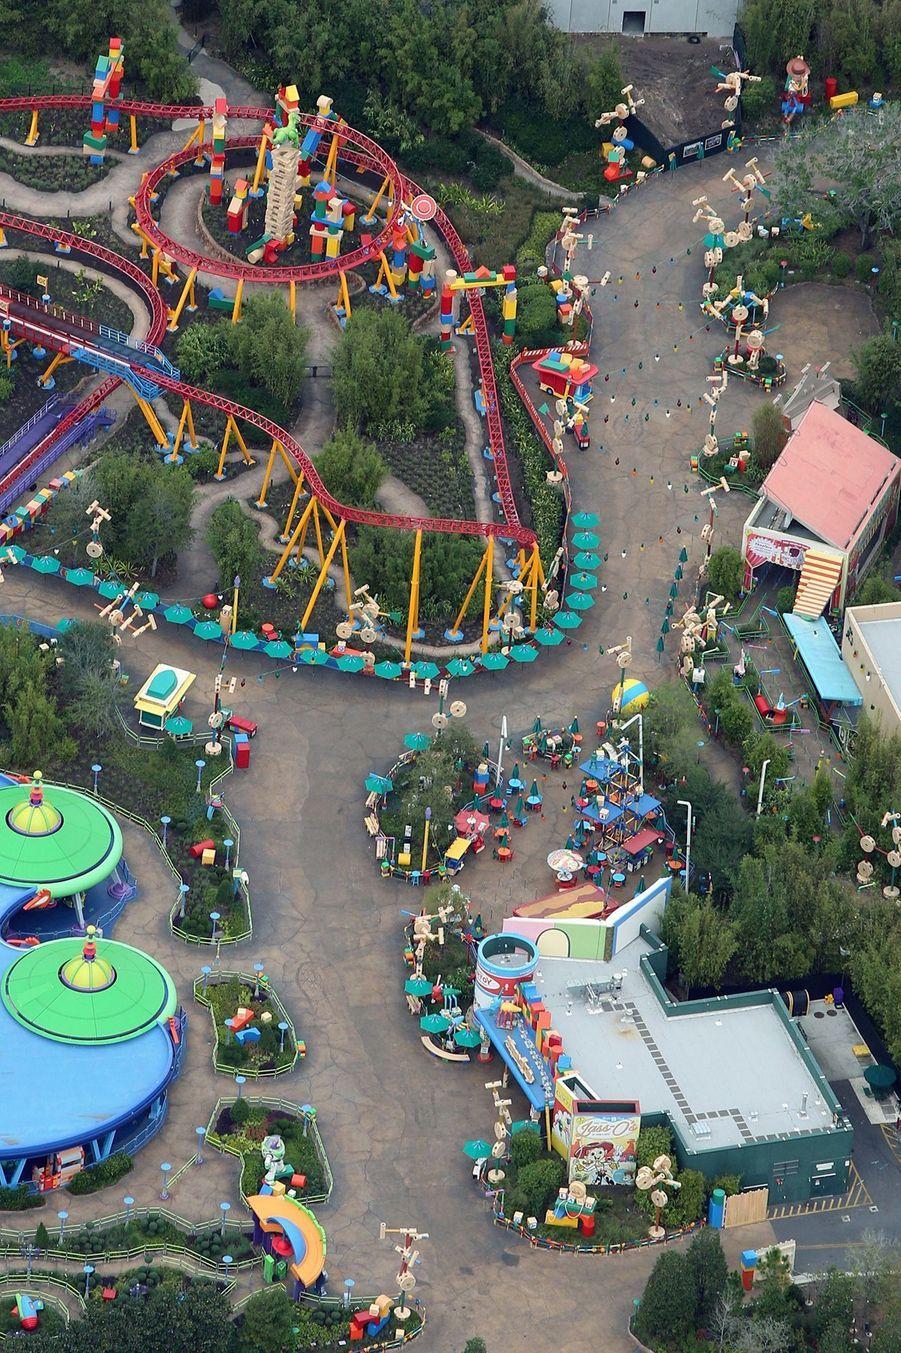 Le parc de Disney Orlando pendant l'épidémie de coronavirus.